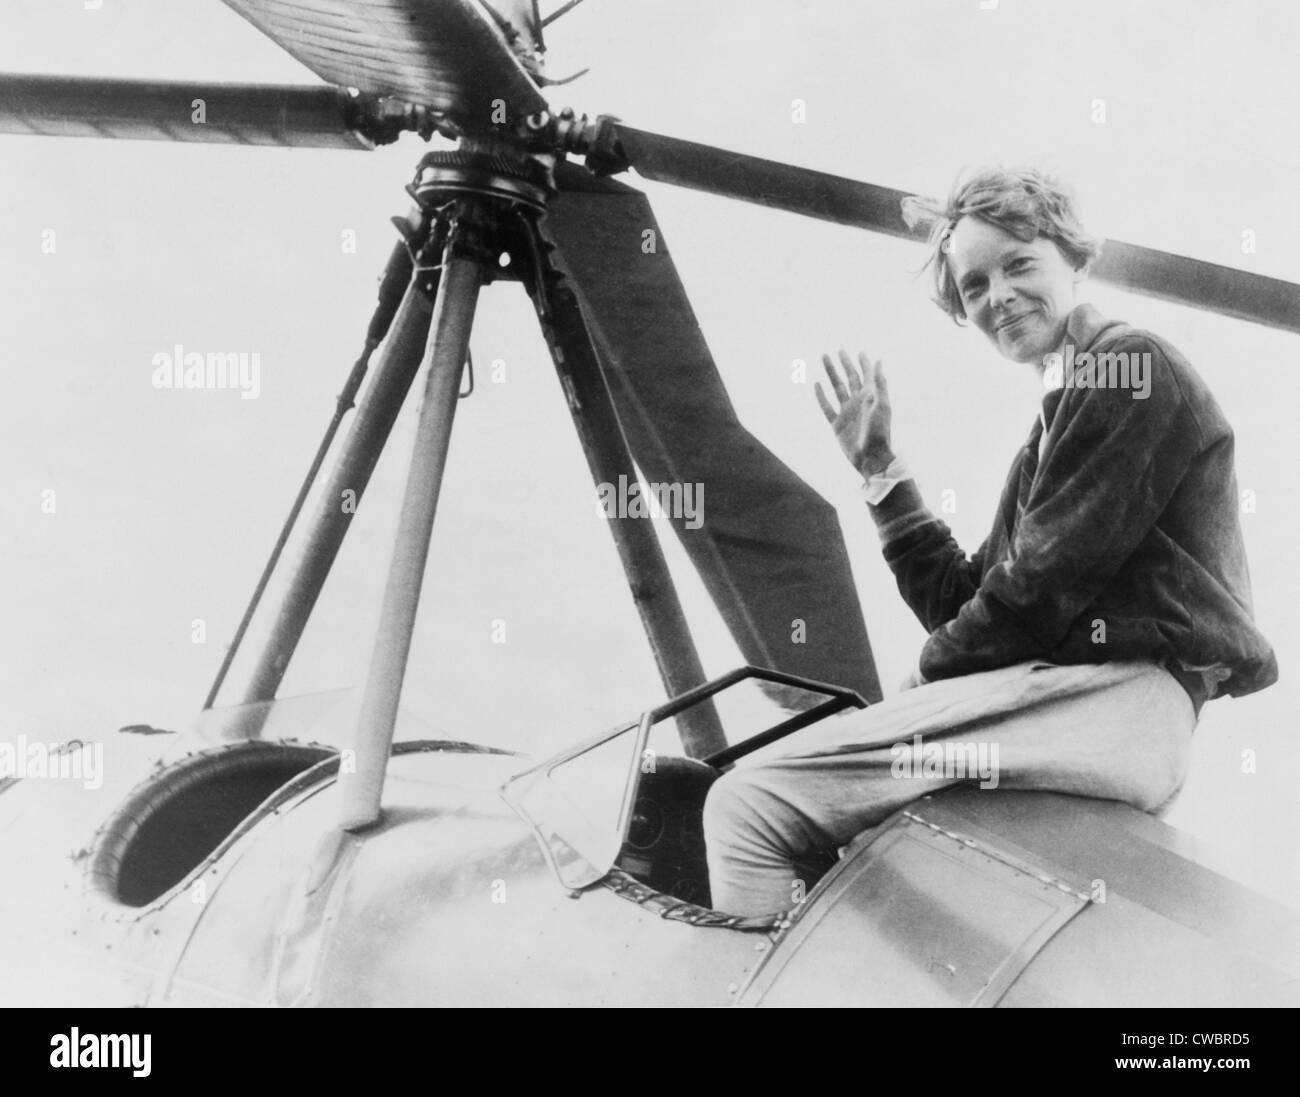 Amelia Earhart (1897-1937), agitando, seduto pozzetto esterno sulla parte superiore di un autogiro, a Los Angeles, Foto Stock